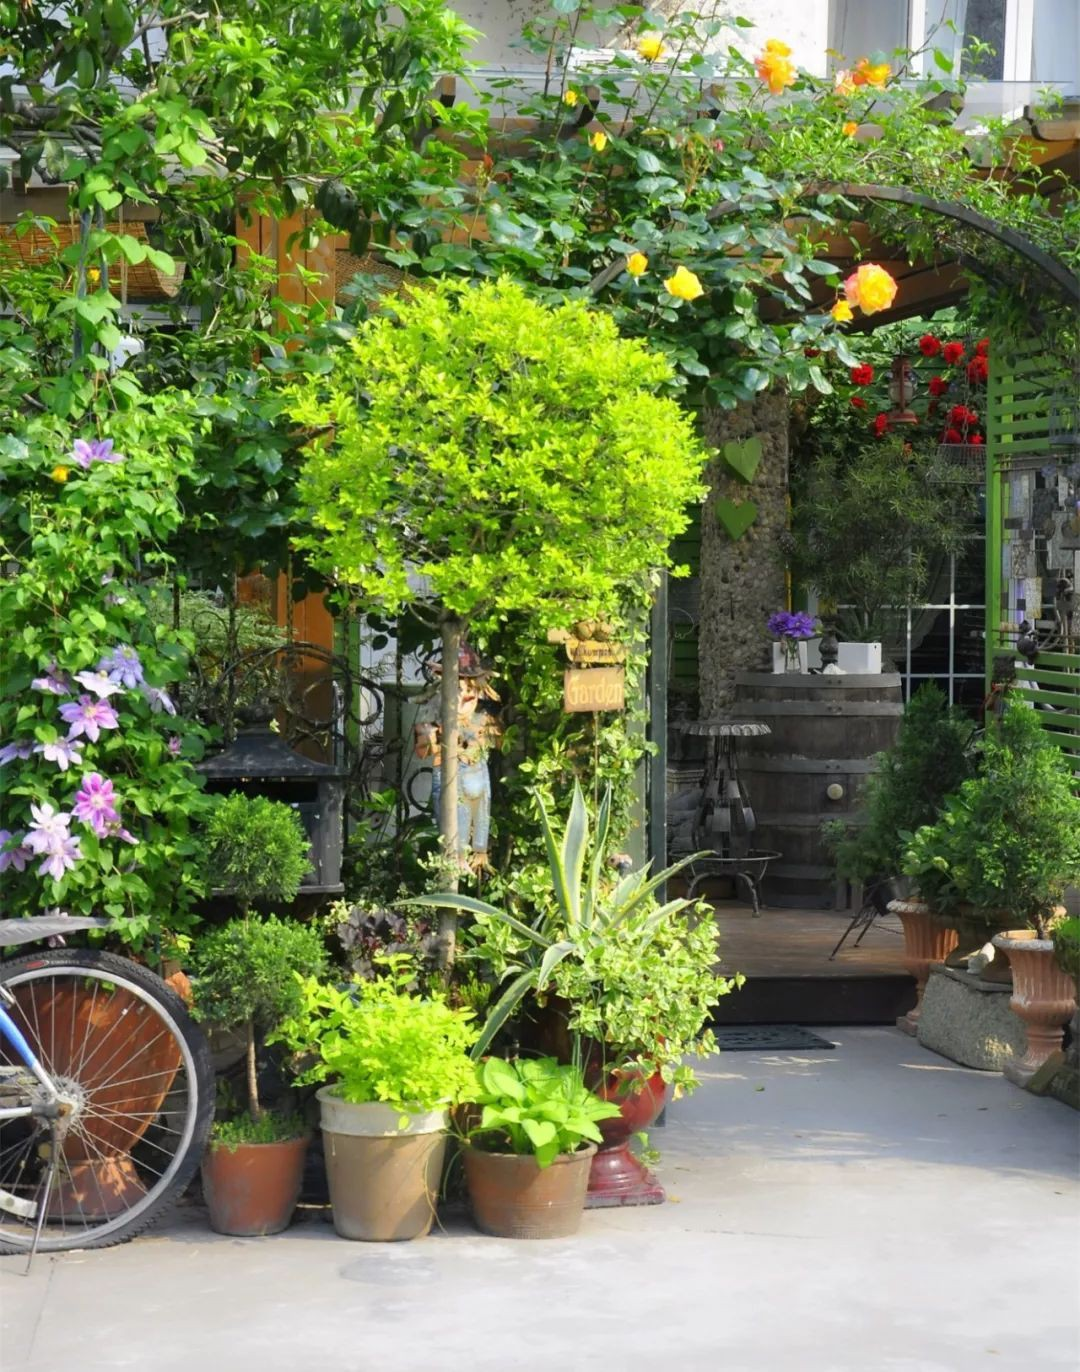 Tất bật nhiều năm tuổi trẻ, người phụ nữ tuổi 40 dành dụm tiền mua căn nhà vườn xinh xắn sống cuộc đời an yên - Ảnh 4.